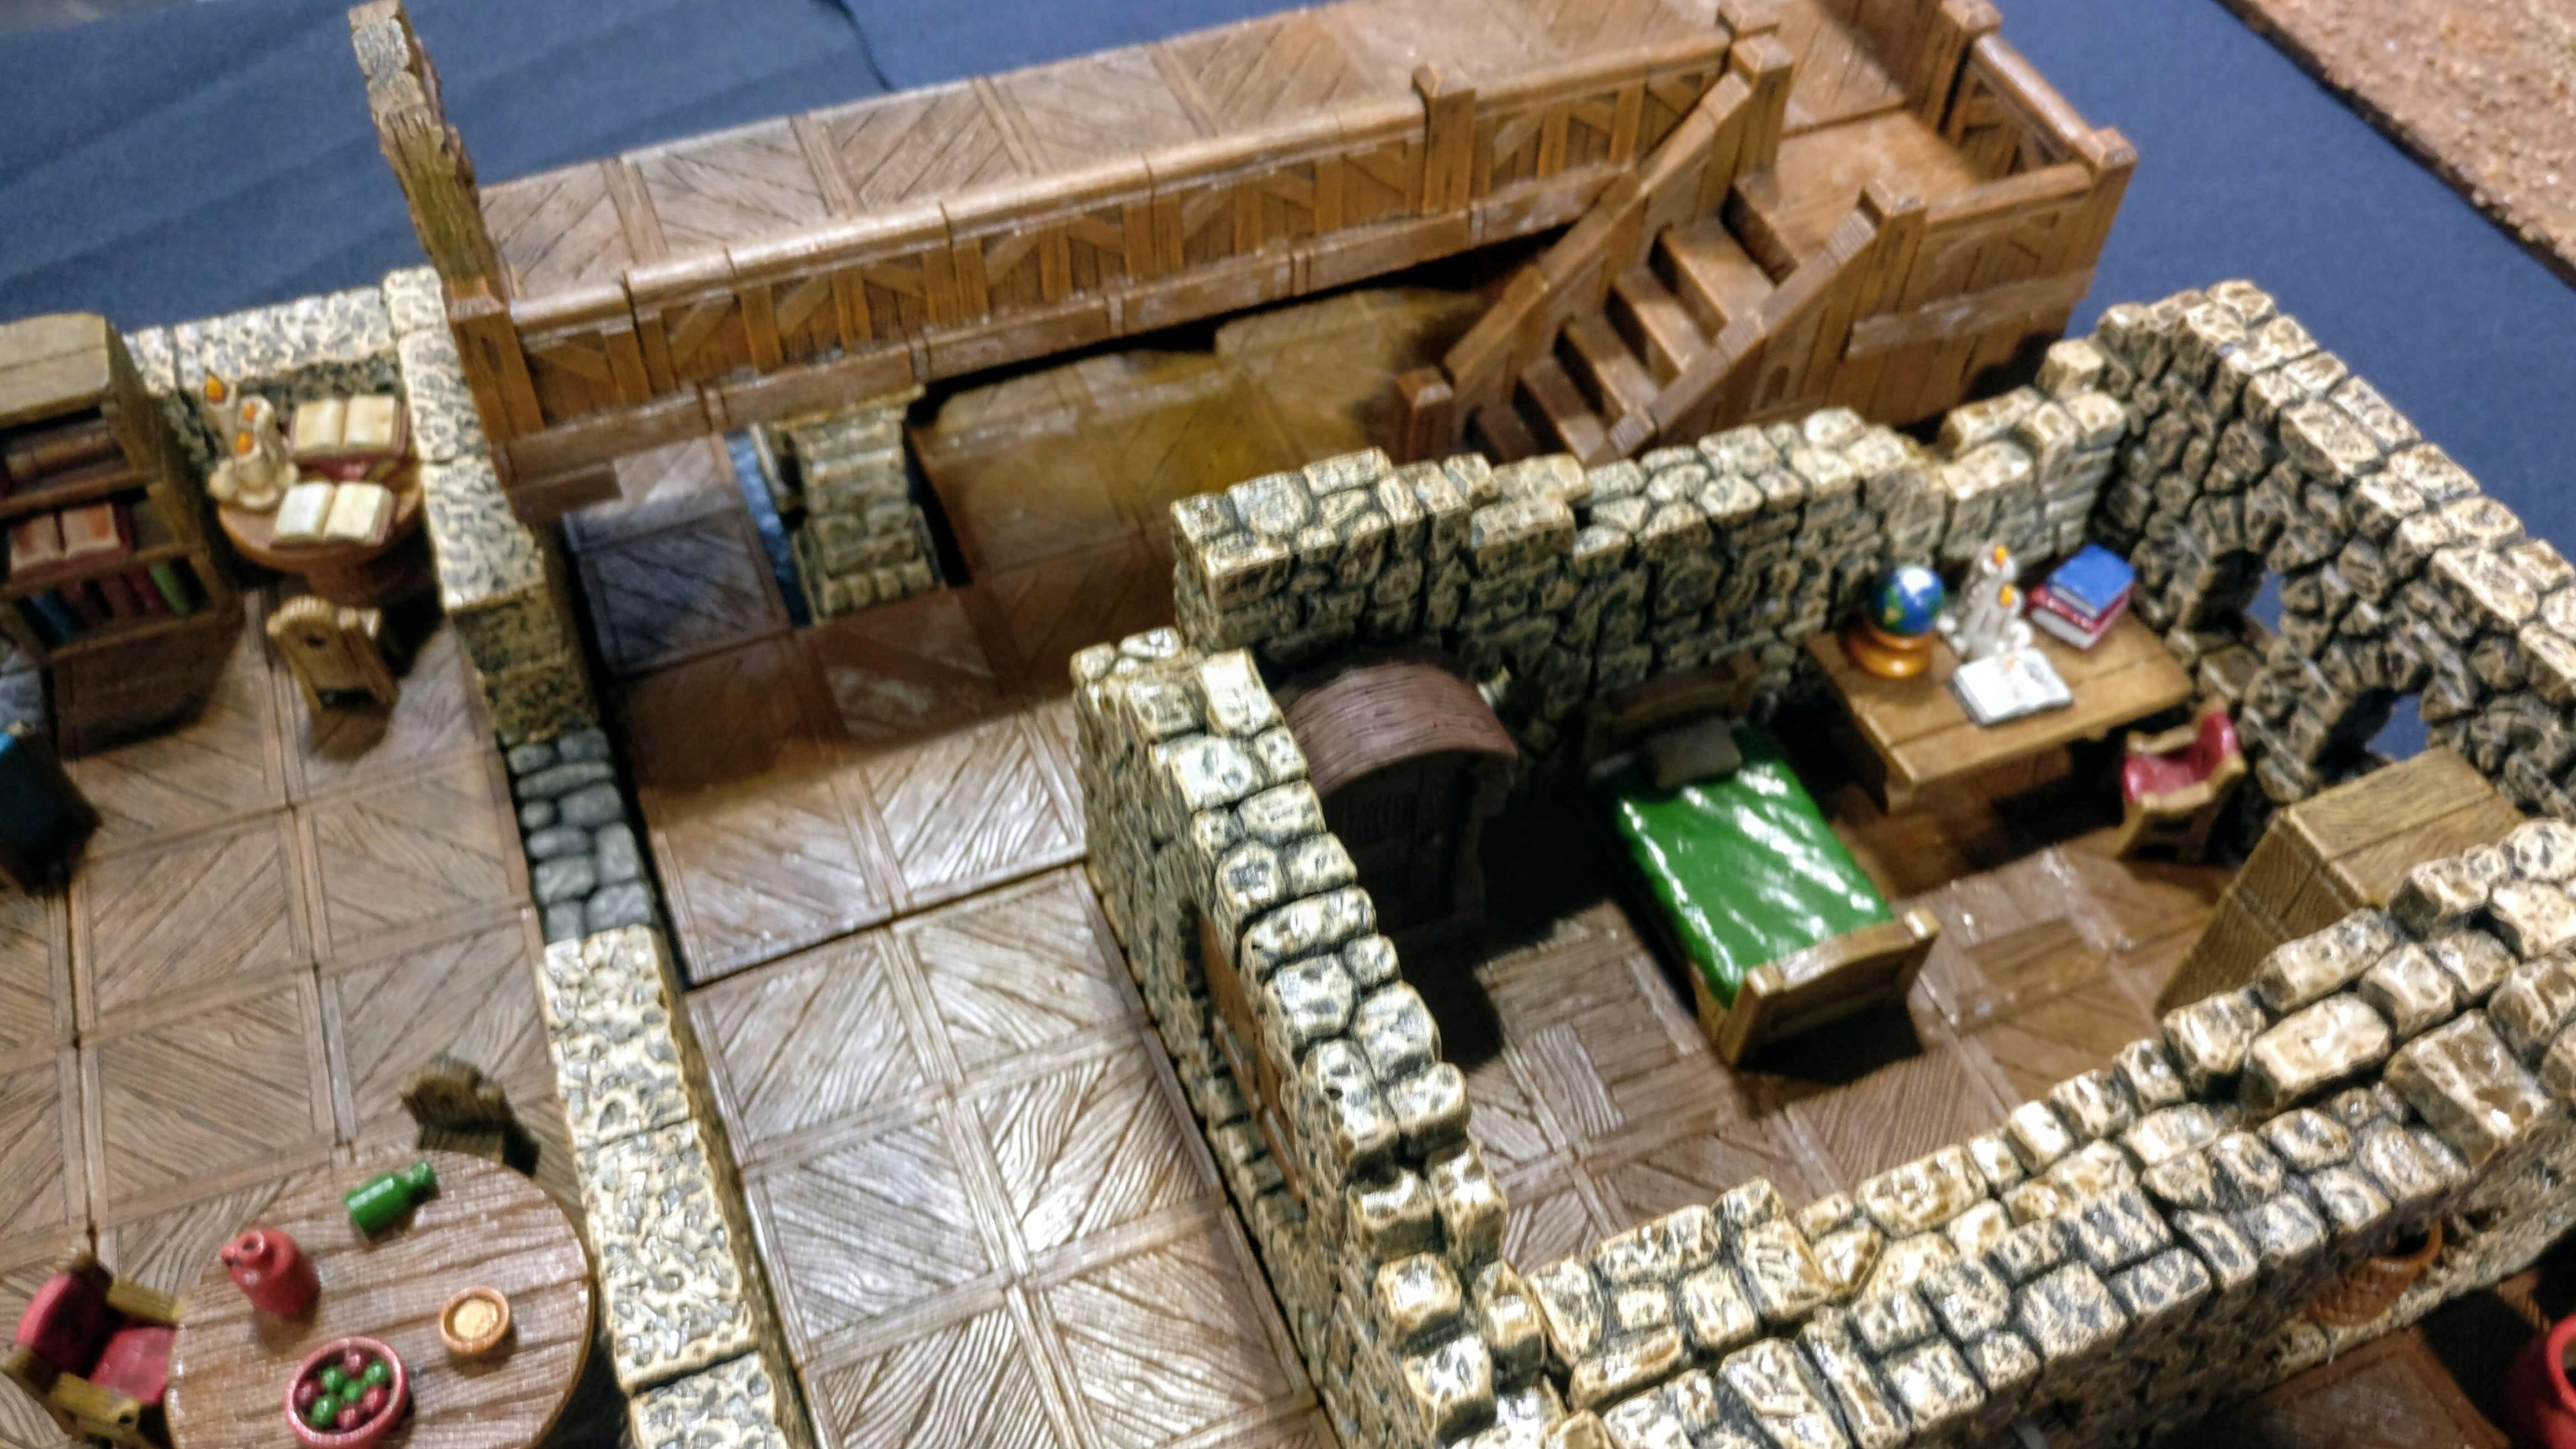 DMB Games' Tavern terrain